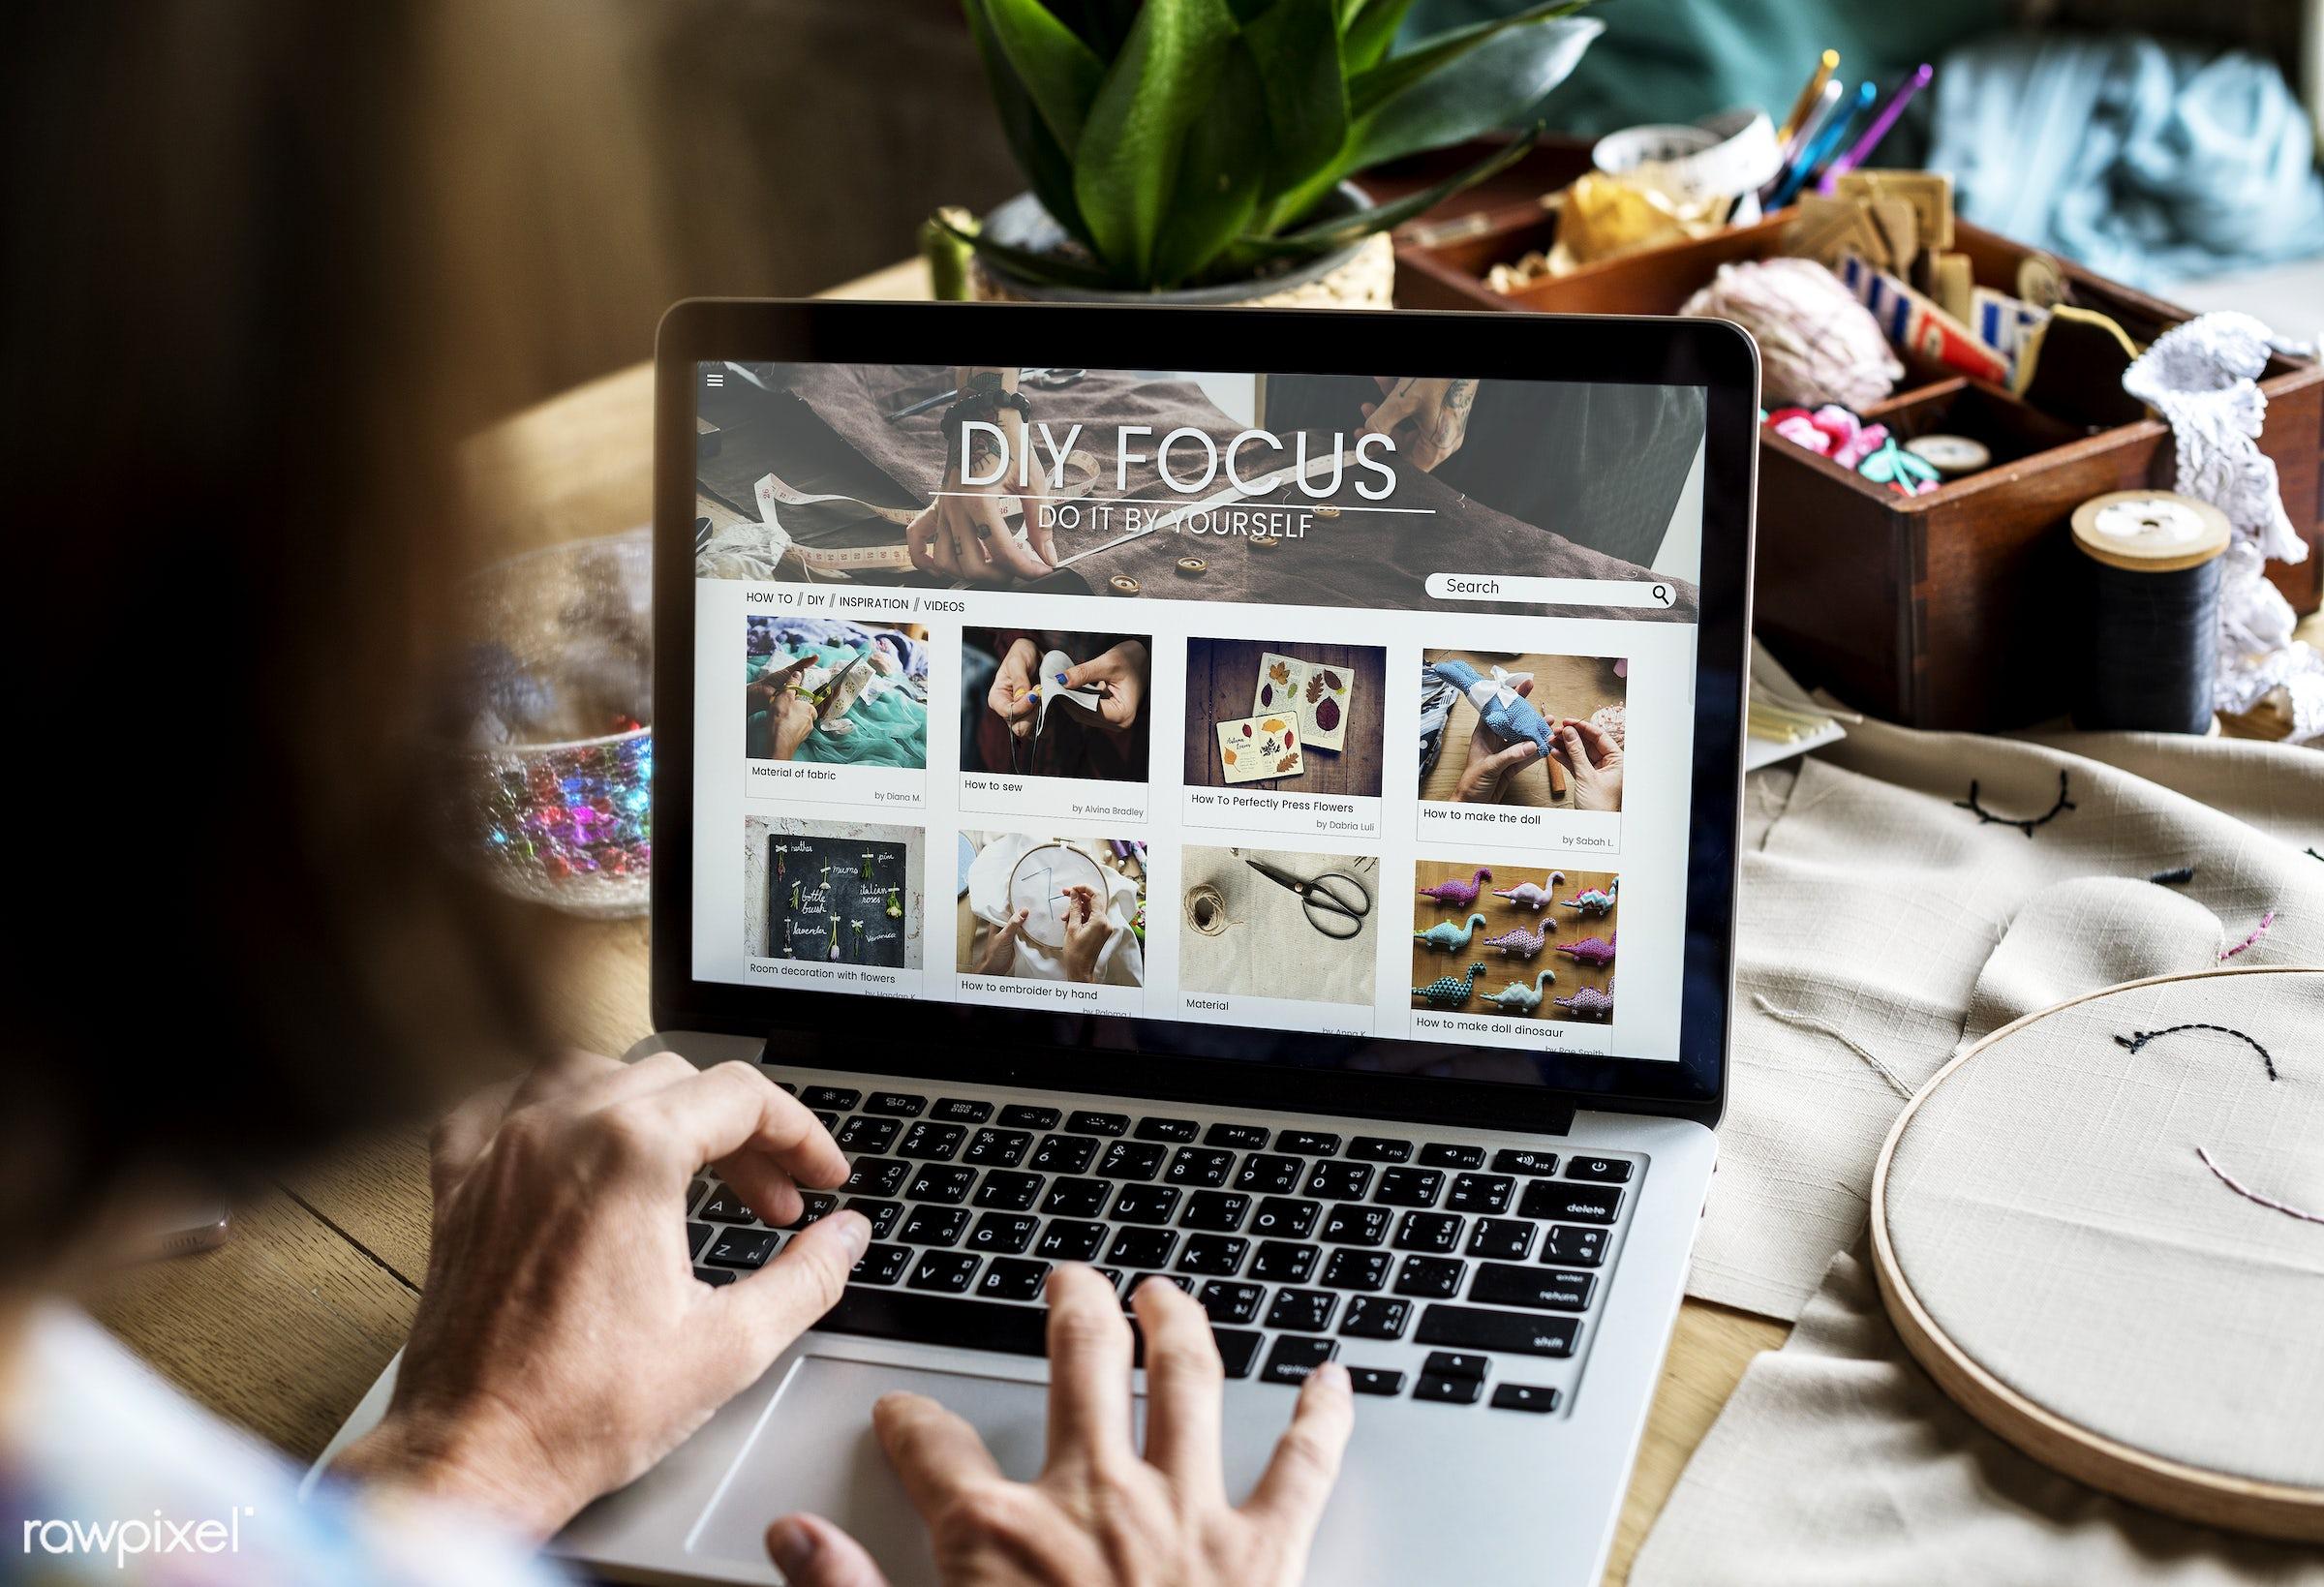 person, handicraft, homemade, handiwork, diy, online, hands, woman, casual, laptop, handwork, handcraft, needlework, website...